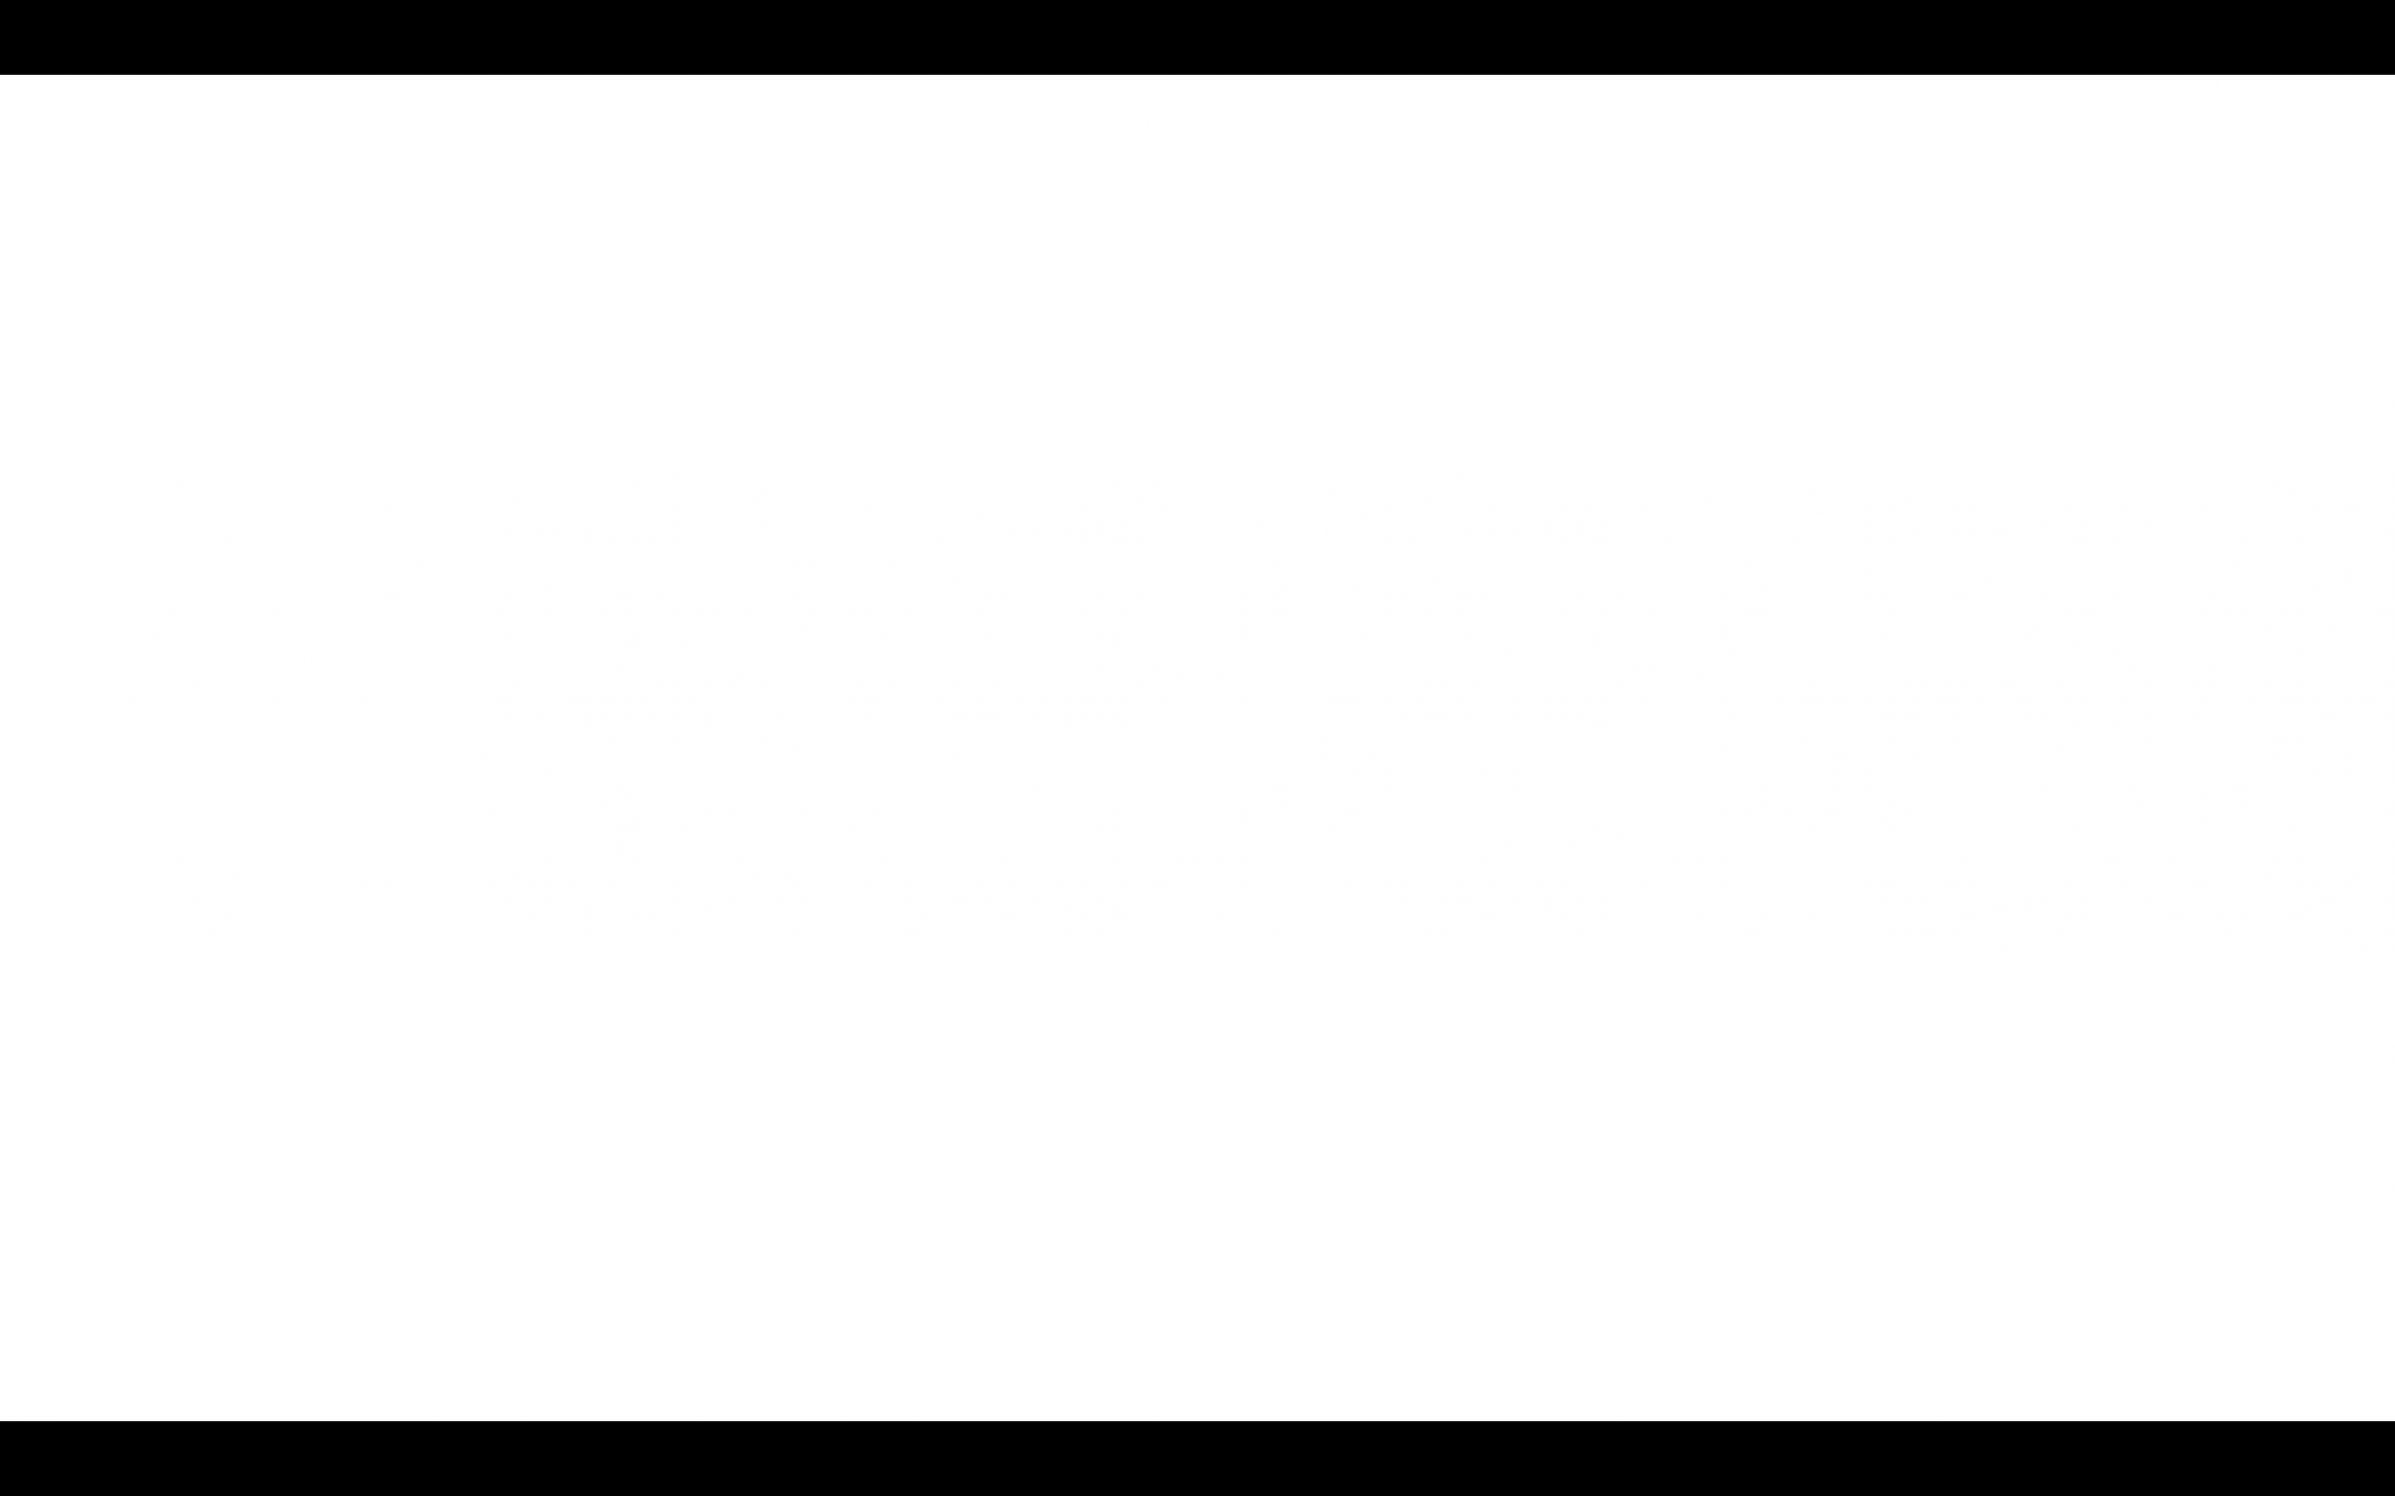 Blank White Meme Generator - Imgflip